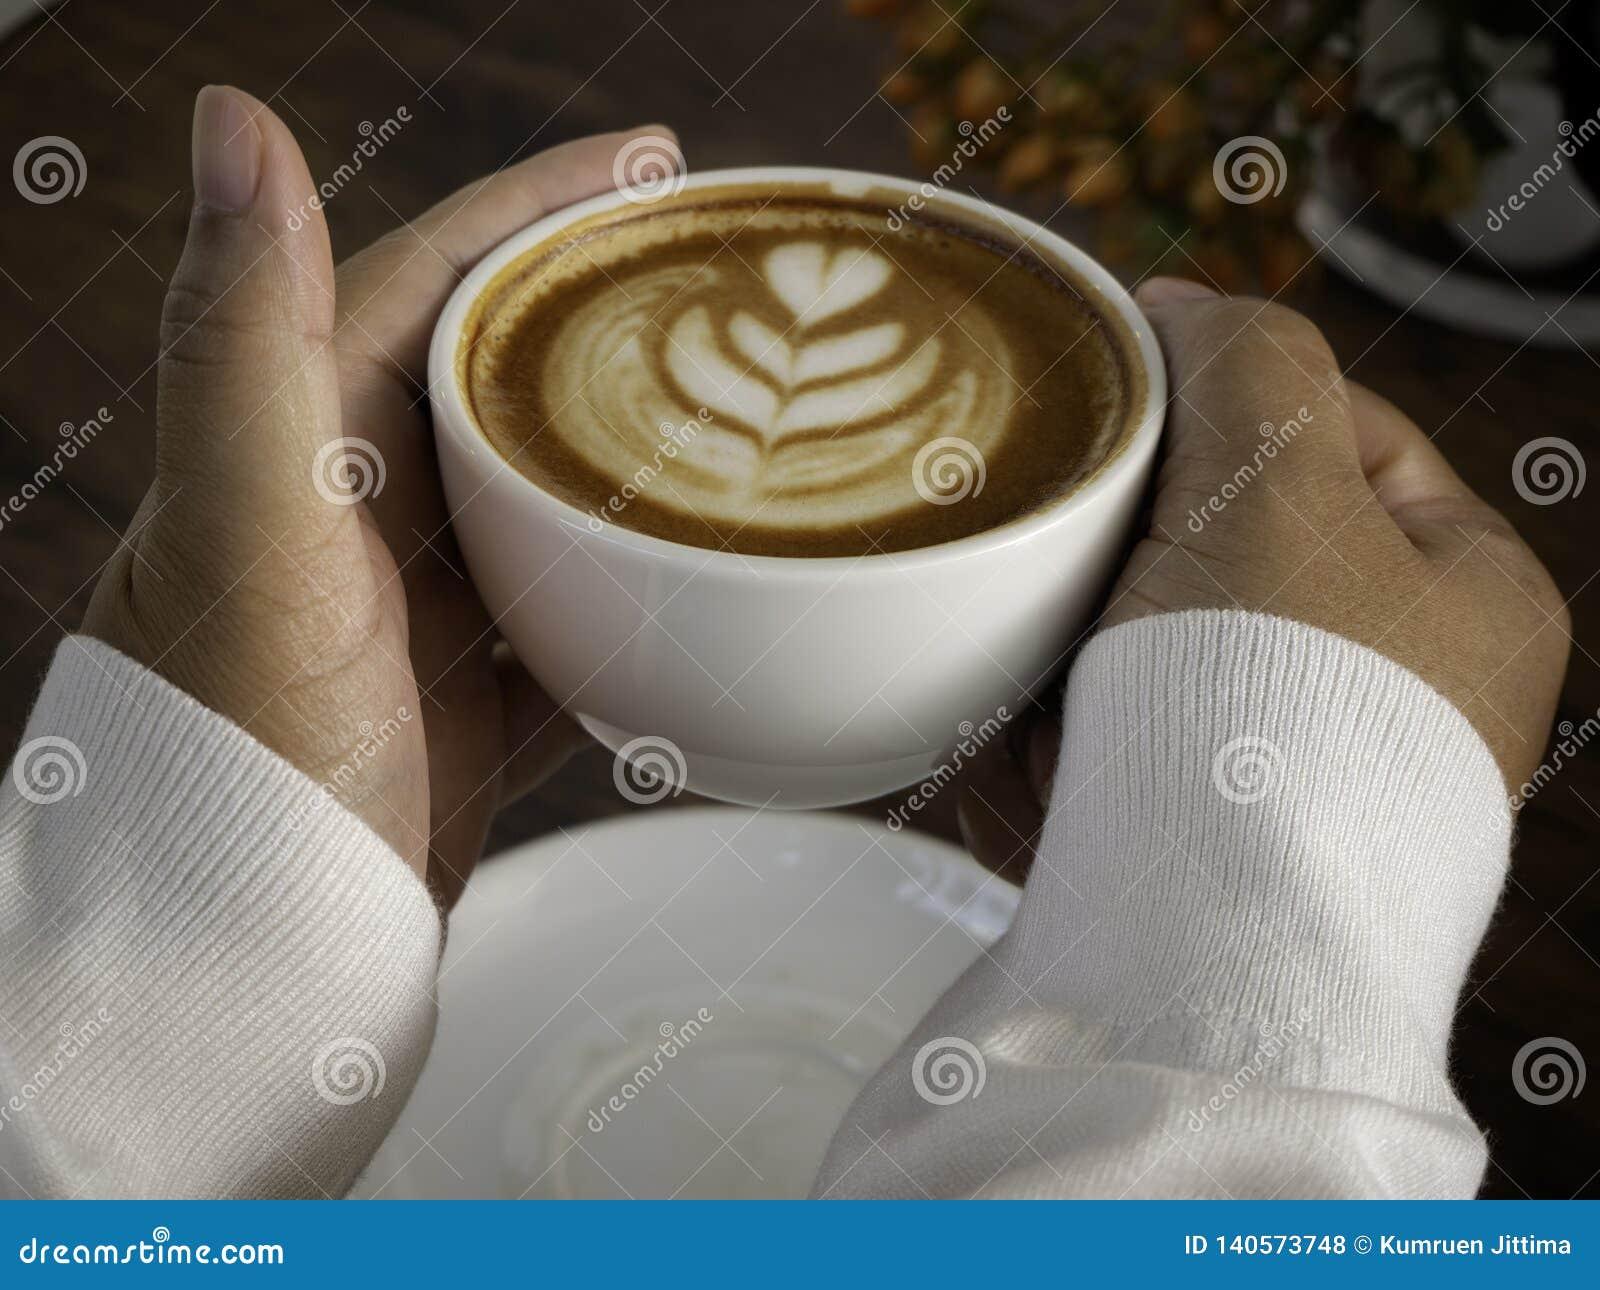 Koffie latte met mooie lattekunst op hand